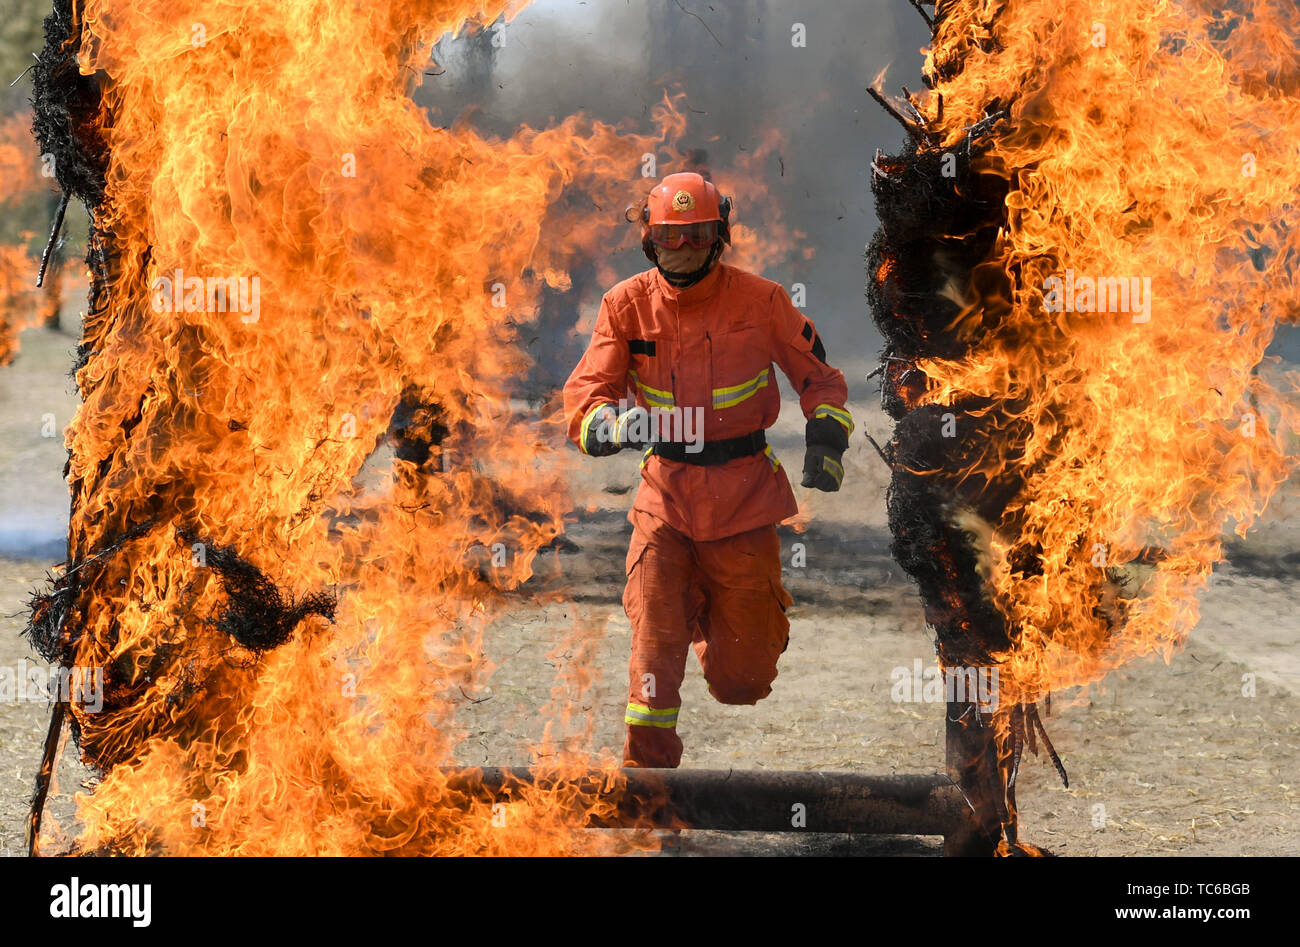 Hohhot, Chine, région autonome de Mongolie intérieure. 5 juin, 2019. Un pompier nouvellement recrutés traverse un mur de feu au cours d'une formation à Hohhot, Chine du nord, région autonome de Mongolie intérieure, le 5 juin 2019. Plus de 1 100 pompiers volontaires recrutés socialement reçoivent une formation de six mois à Hohhot. Credit: Peng Yuan/Xinhua/Alamy Live News Photo Stock